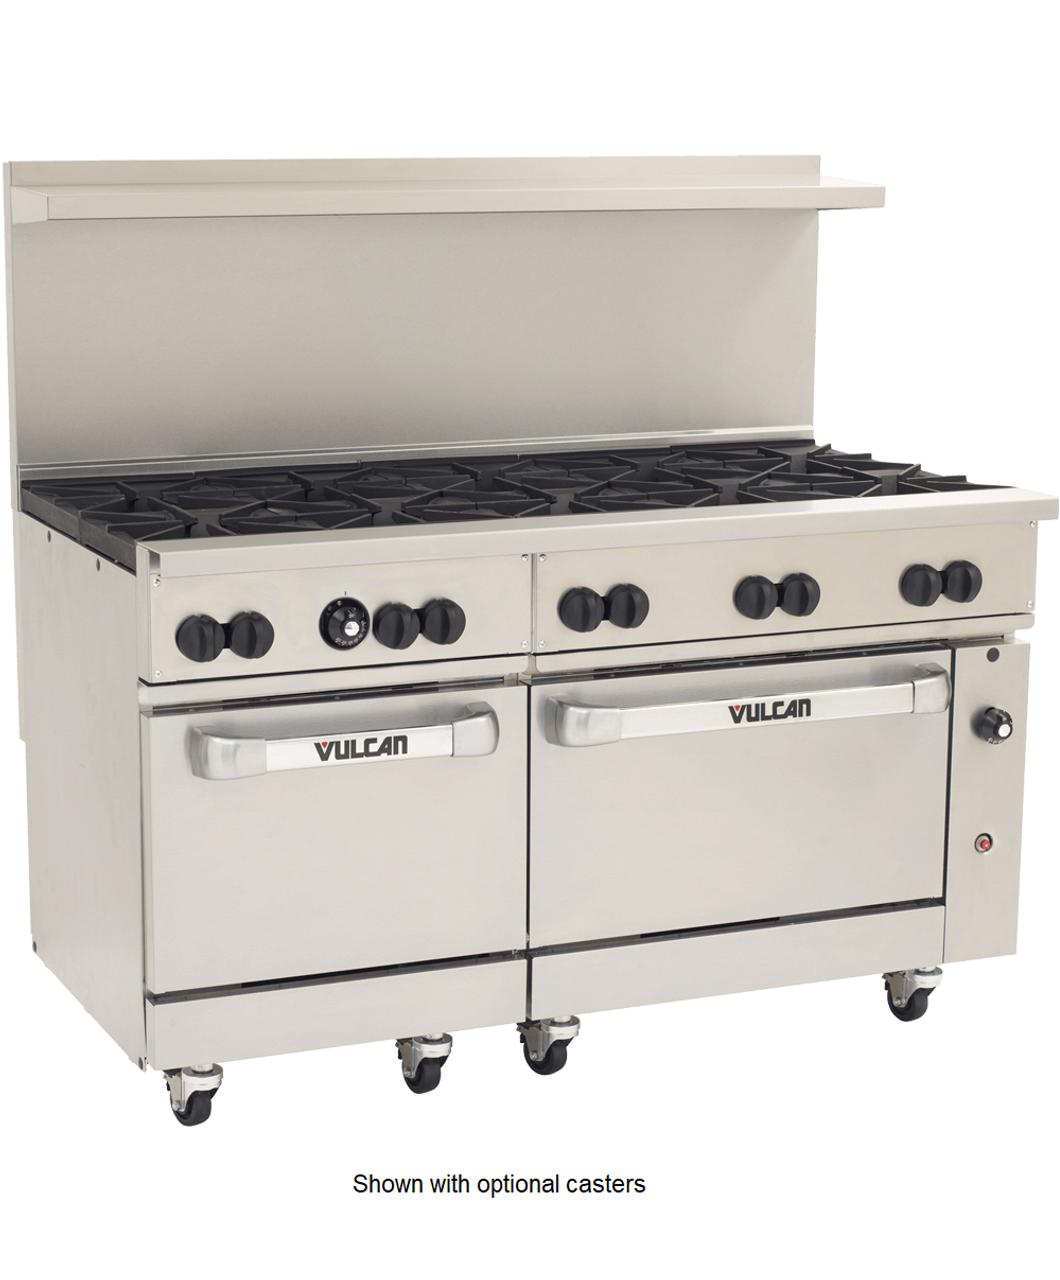 Vulcan 60SS-10BP Propane Gas Restaurant Range, 10 Burner, 2 Standard Oven,  358,000 BTU